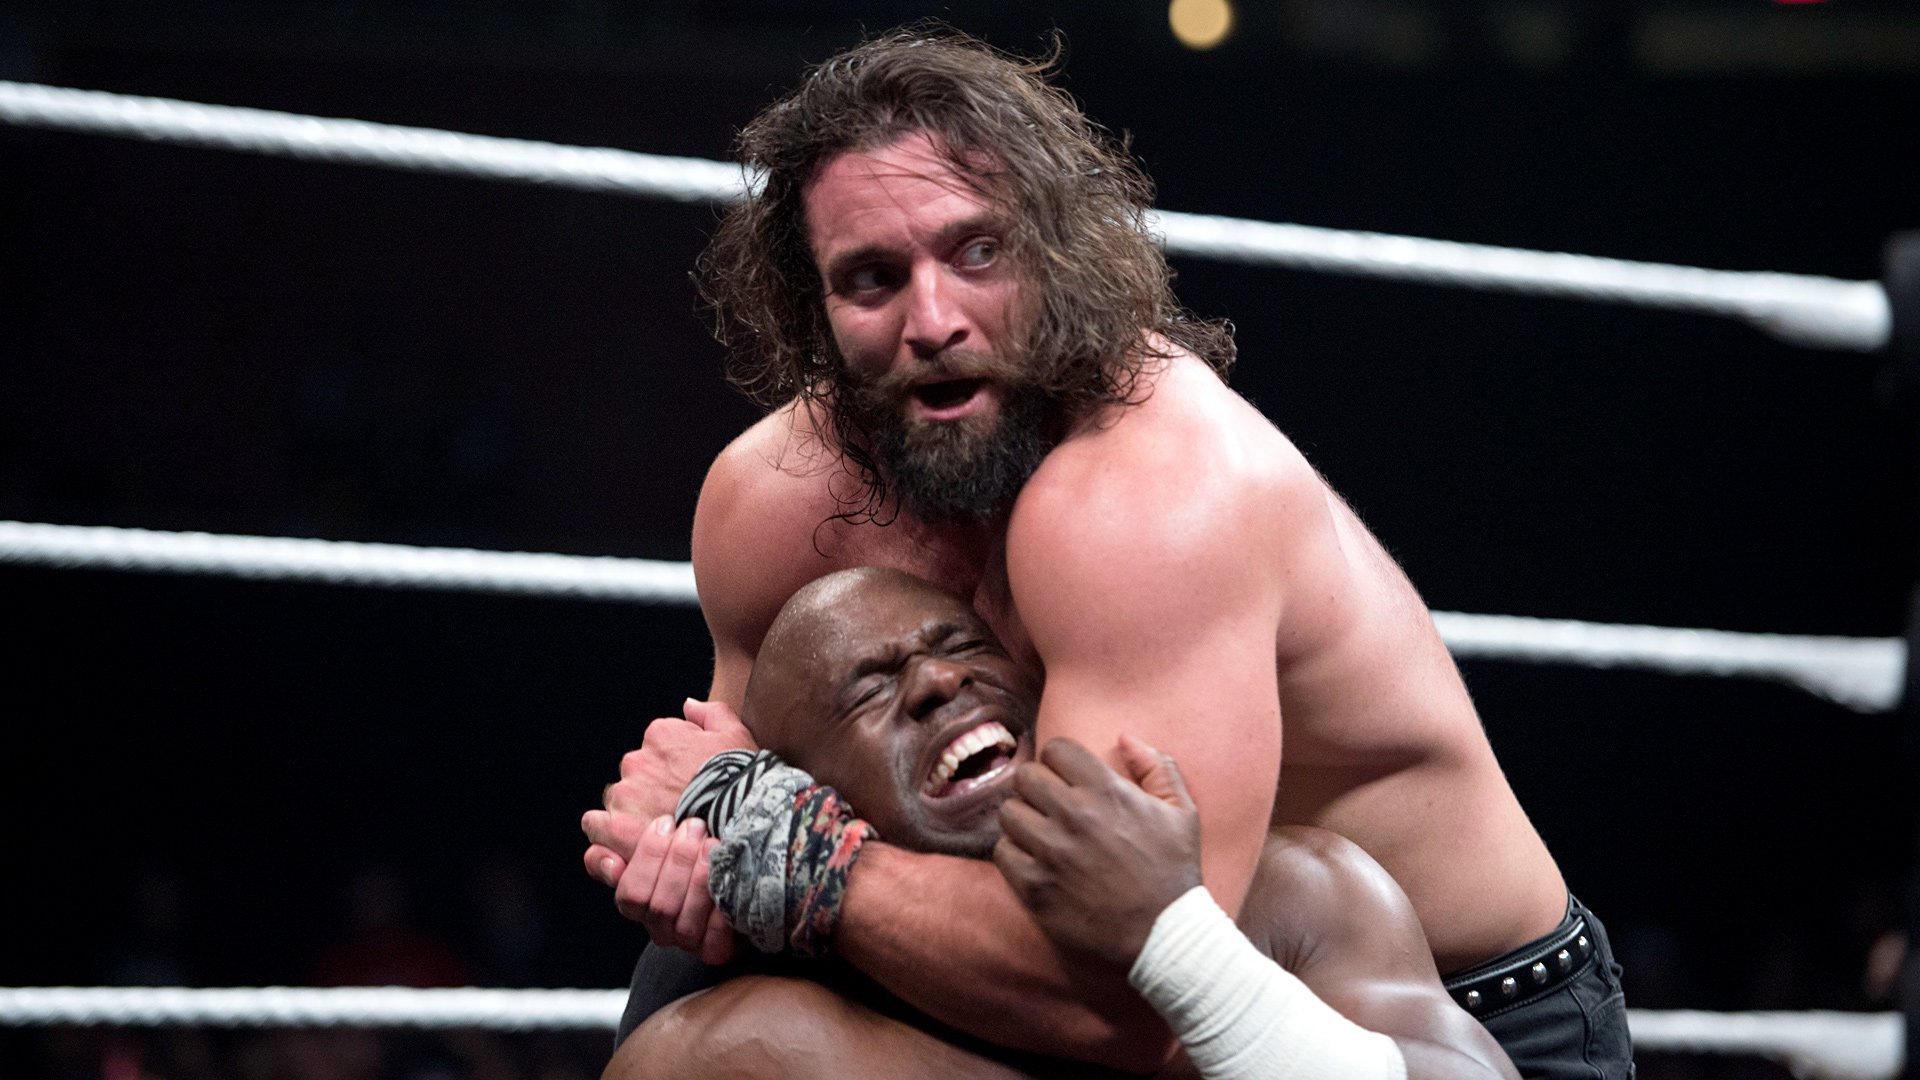 Resultats NXT 6 avril